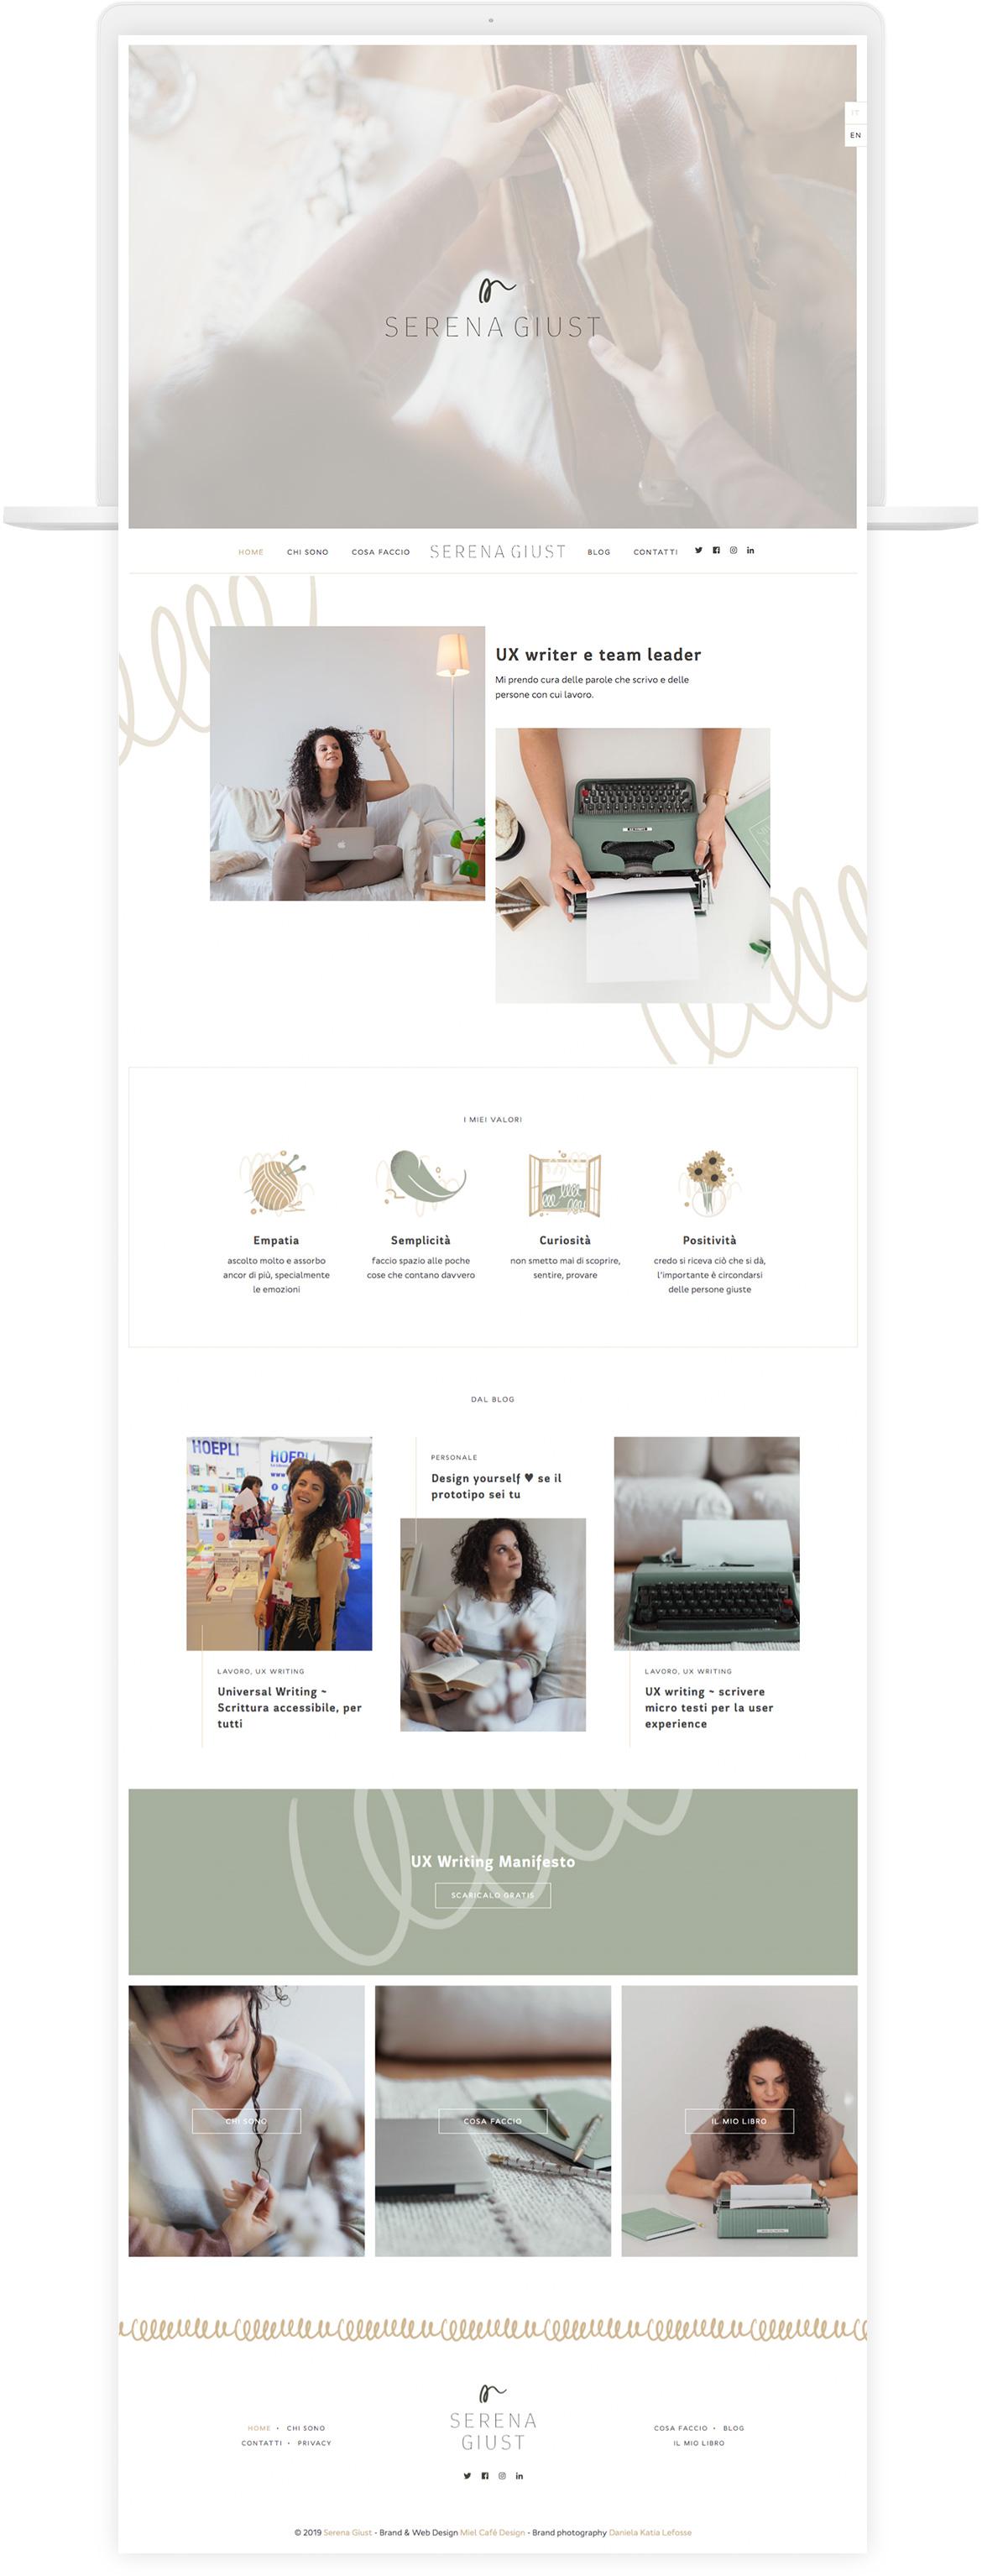 Miel Café Design Portfolio: Web design minimal e moderno per UX Writer Serena Giust